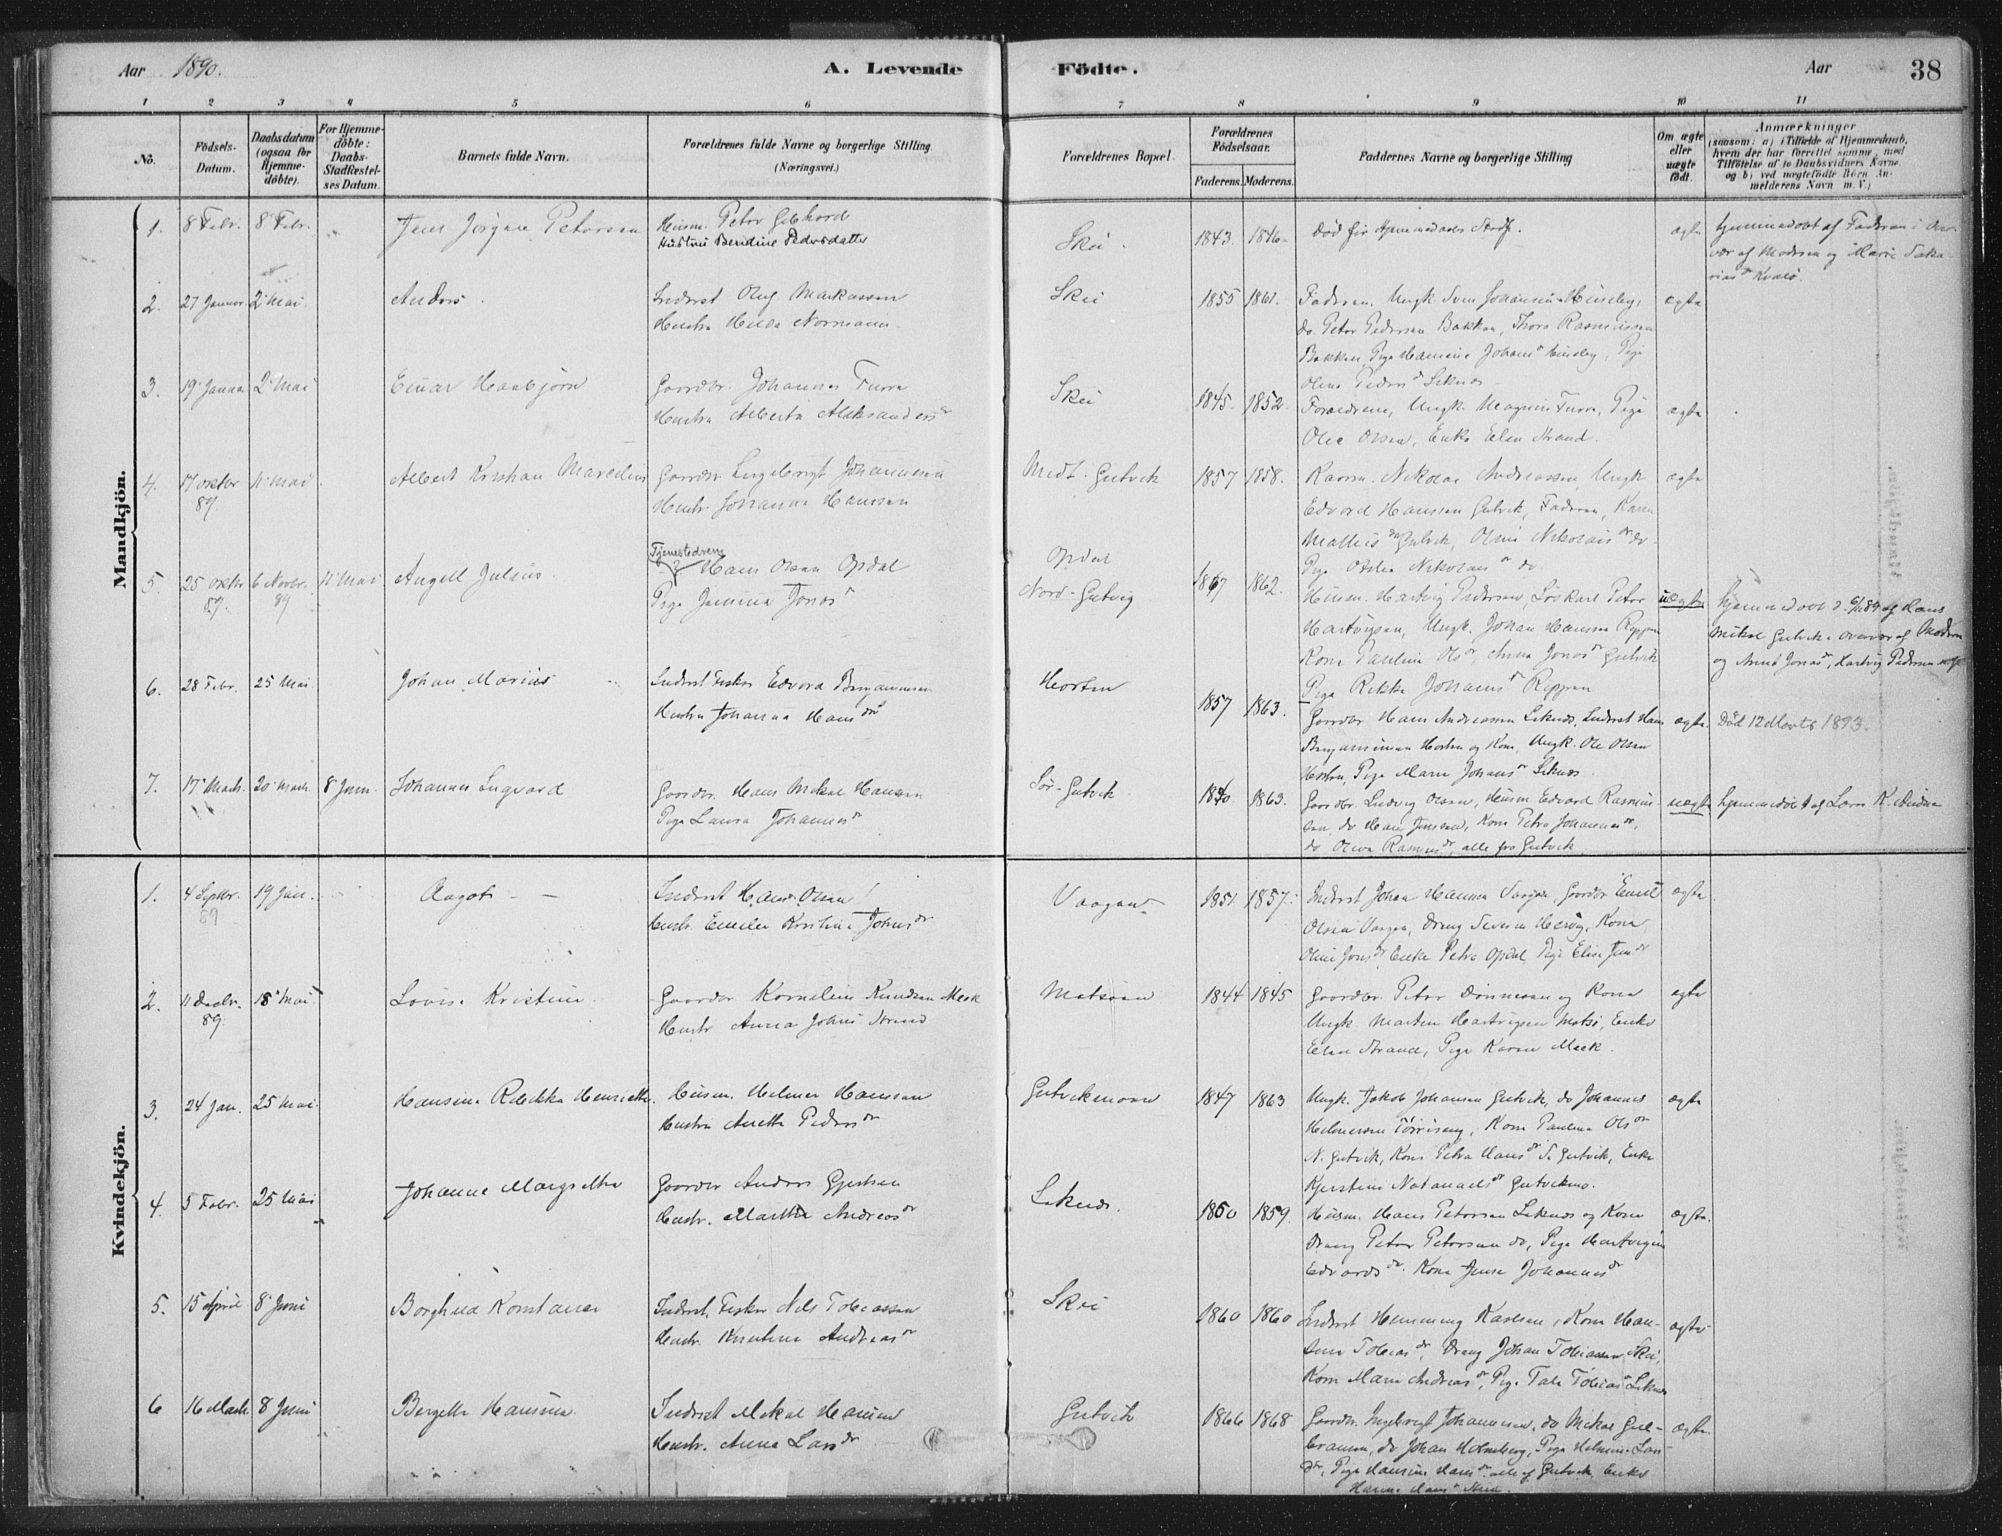 SAT, Ministerialprotokoller, klokkerbøker og fødselsregistre - Nord-Trøndelag, 788/L0697: Ministerialbok nr. 788A04, 1878-1902, s. 38